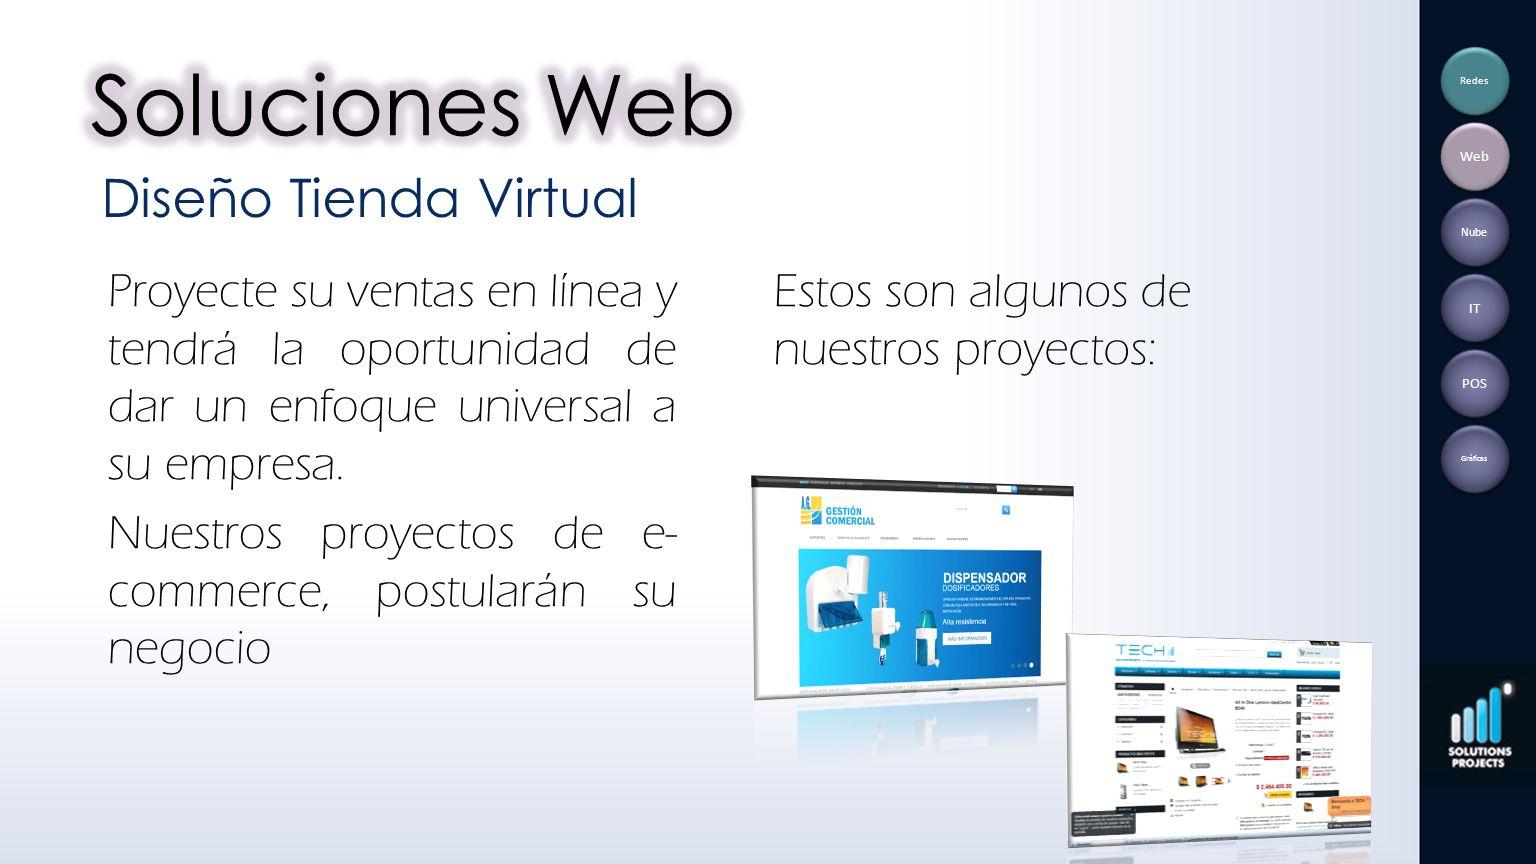 Soluciones Web Diseño Tienda Virtual